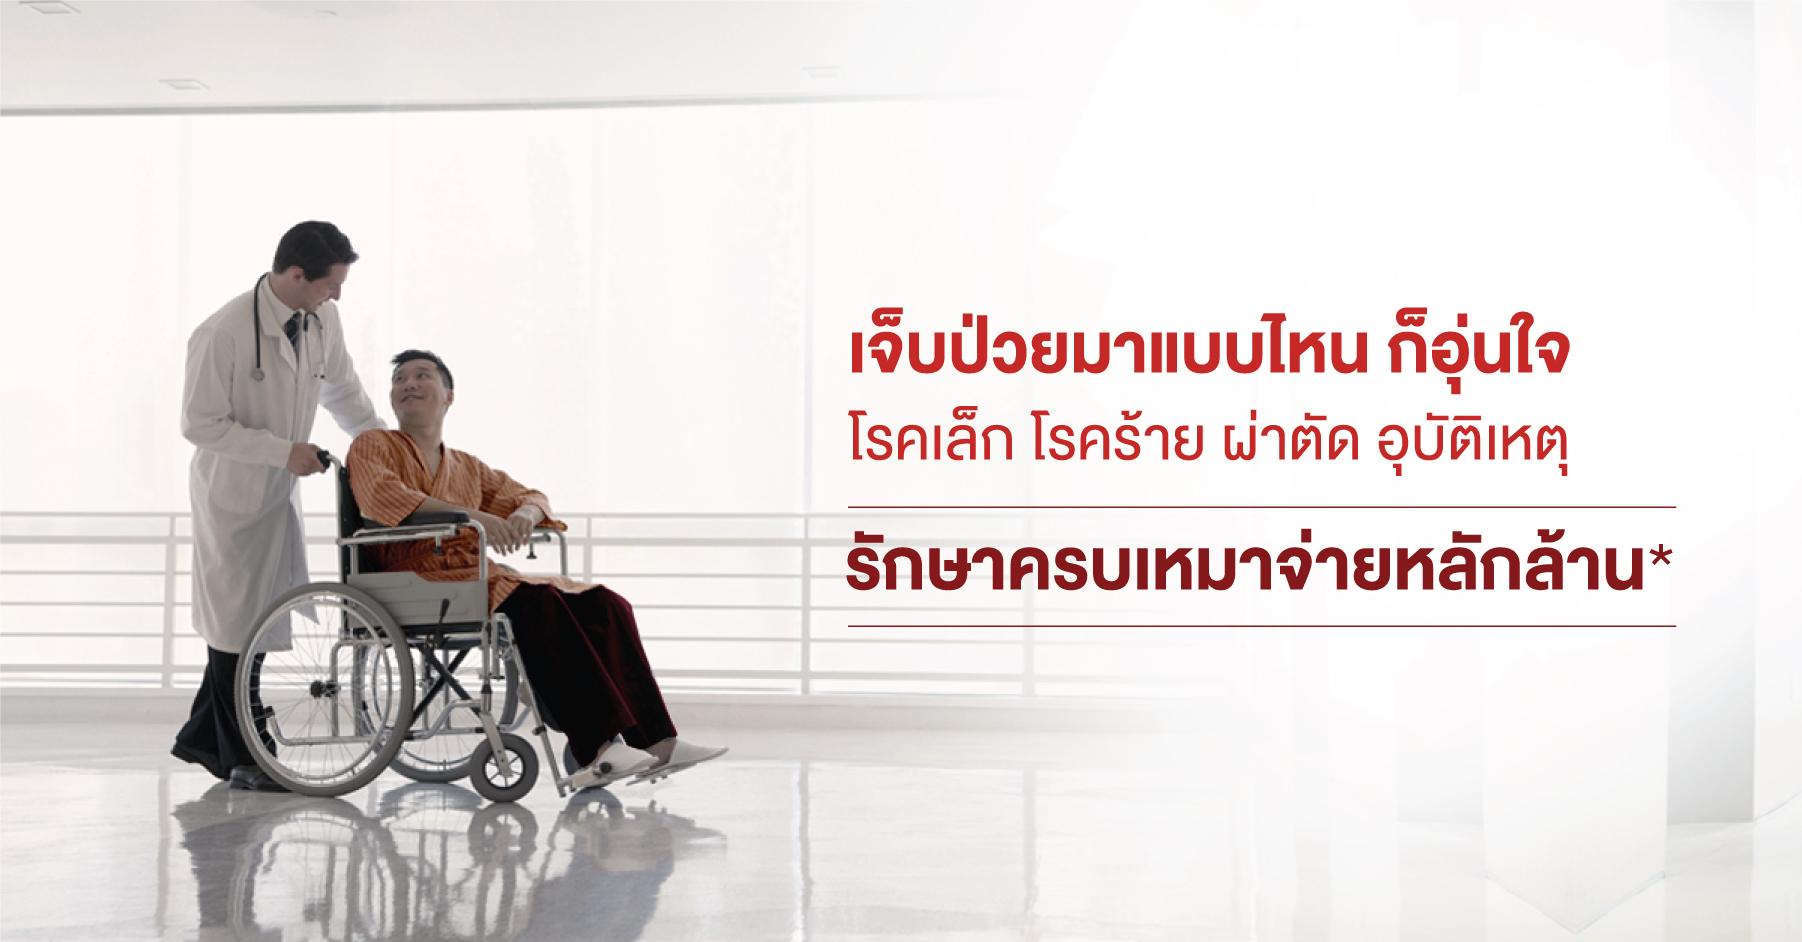 เจ็บป่วยมาแบบไหนก็อุ่นใจ โรคเล็ก โรคร้าย ผ่าตัด อุบัติเหตุ รักษาครบ เหมาจ่ายหลักล้าน*